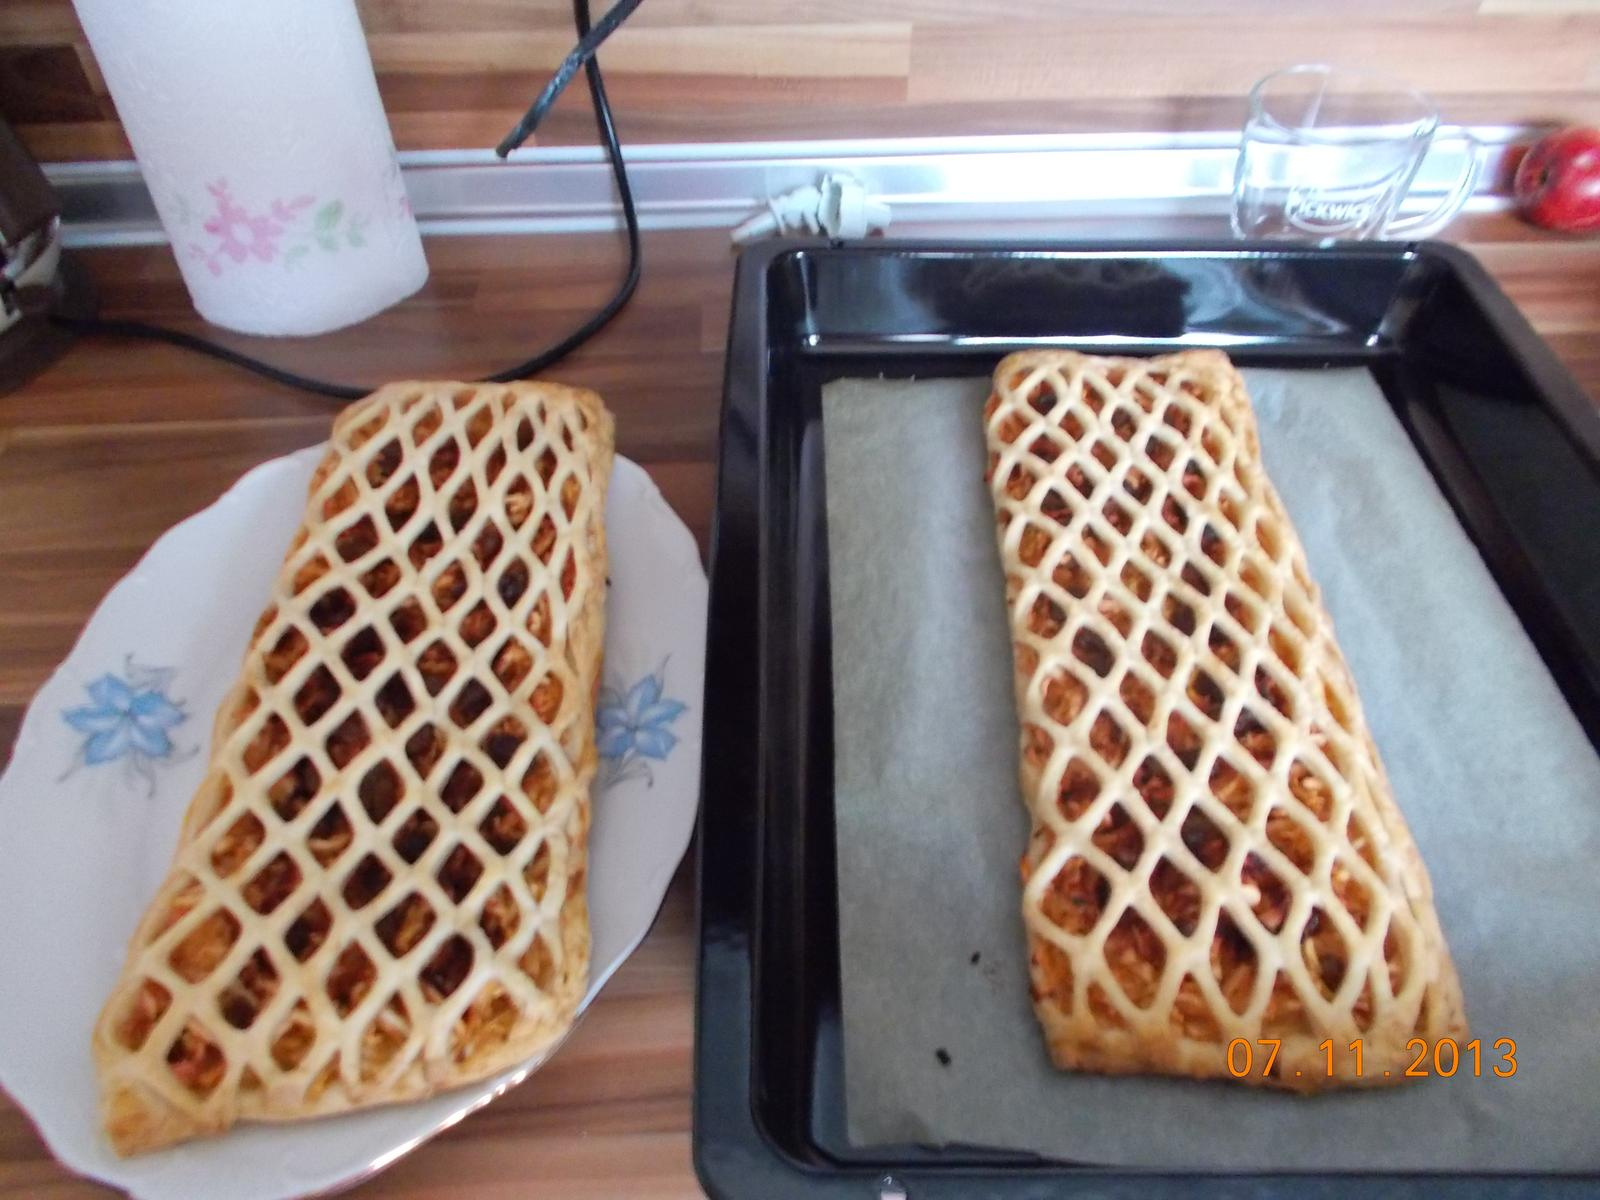 Pečení,vaření,grilování.....je libo něco dobrého do bříška ................ - Jablečný mřížkový koláč